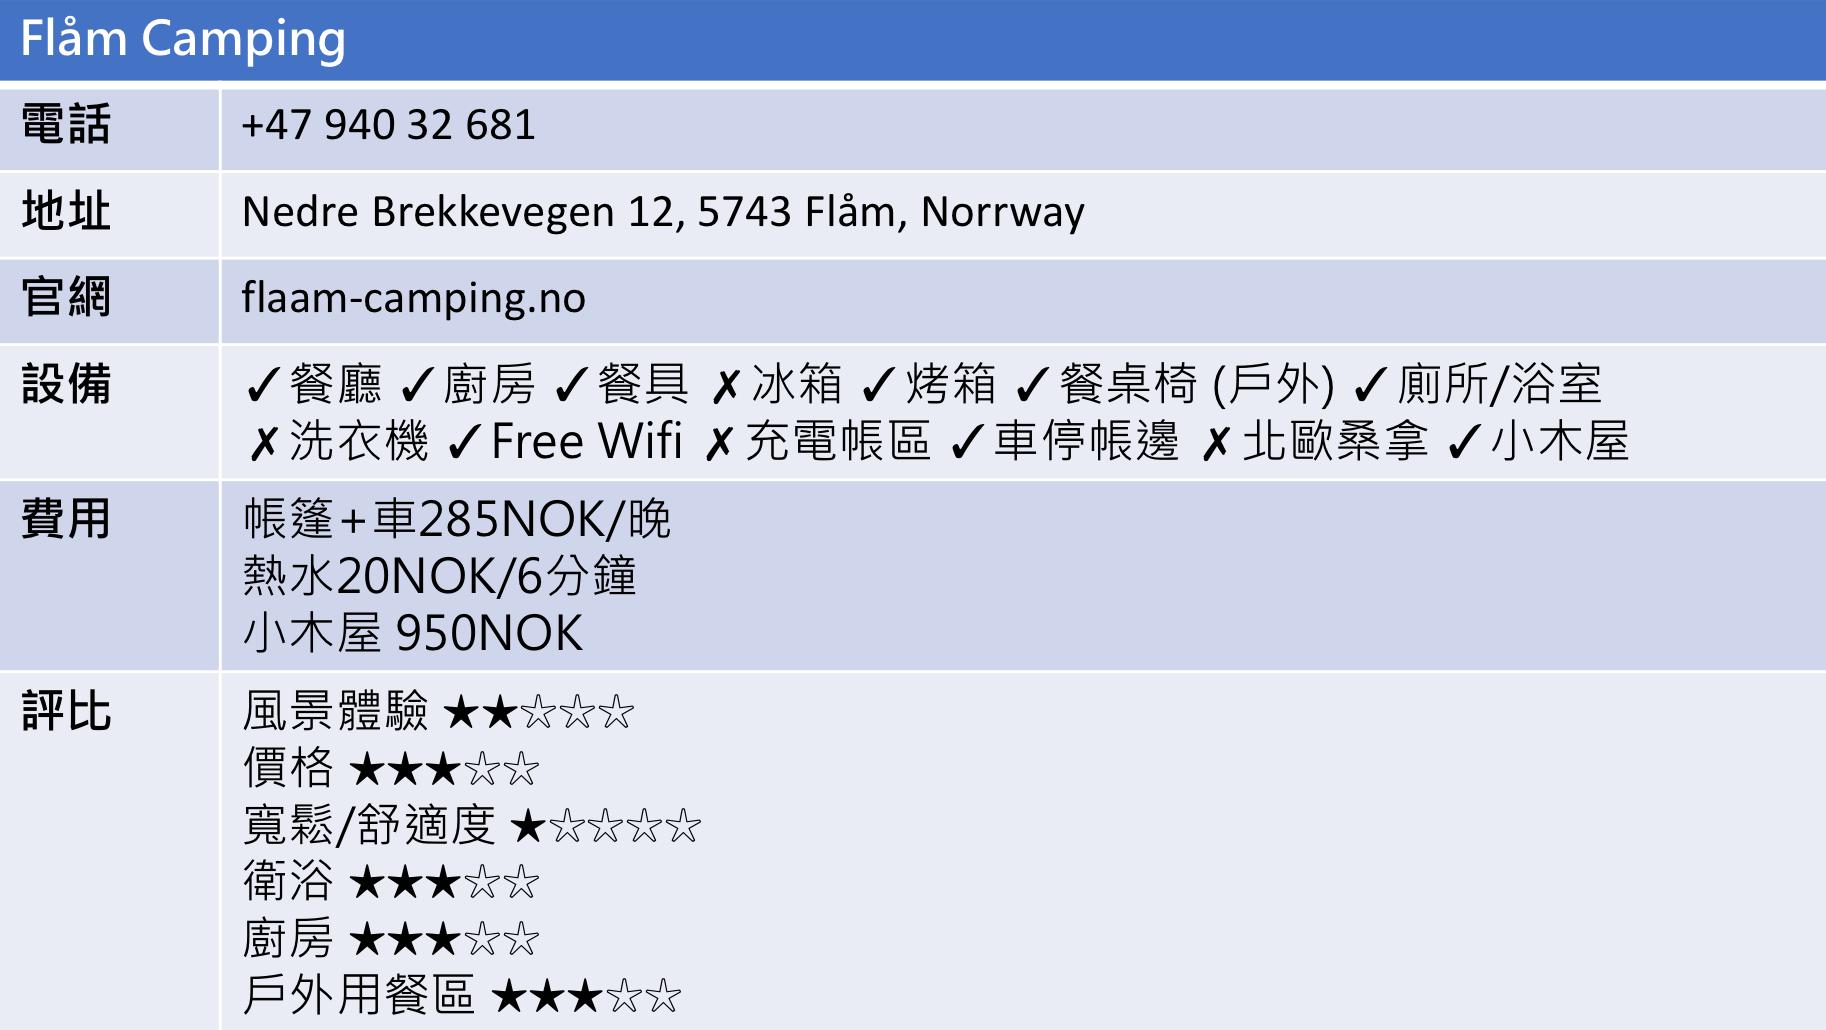 【北歐景點】Flåm 弗洛姆小鎮 — 挪威縮影的重要轉運站 (Flåm Camping與松恩峽灣渡輪介紹) 6